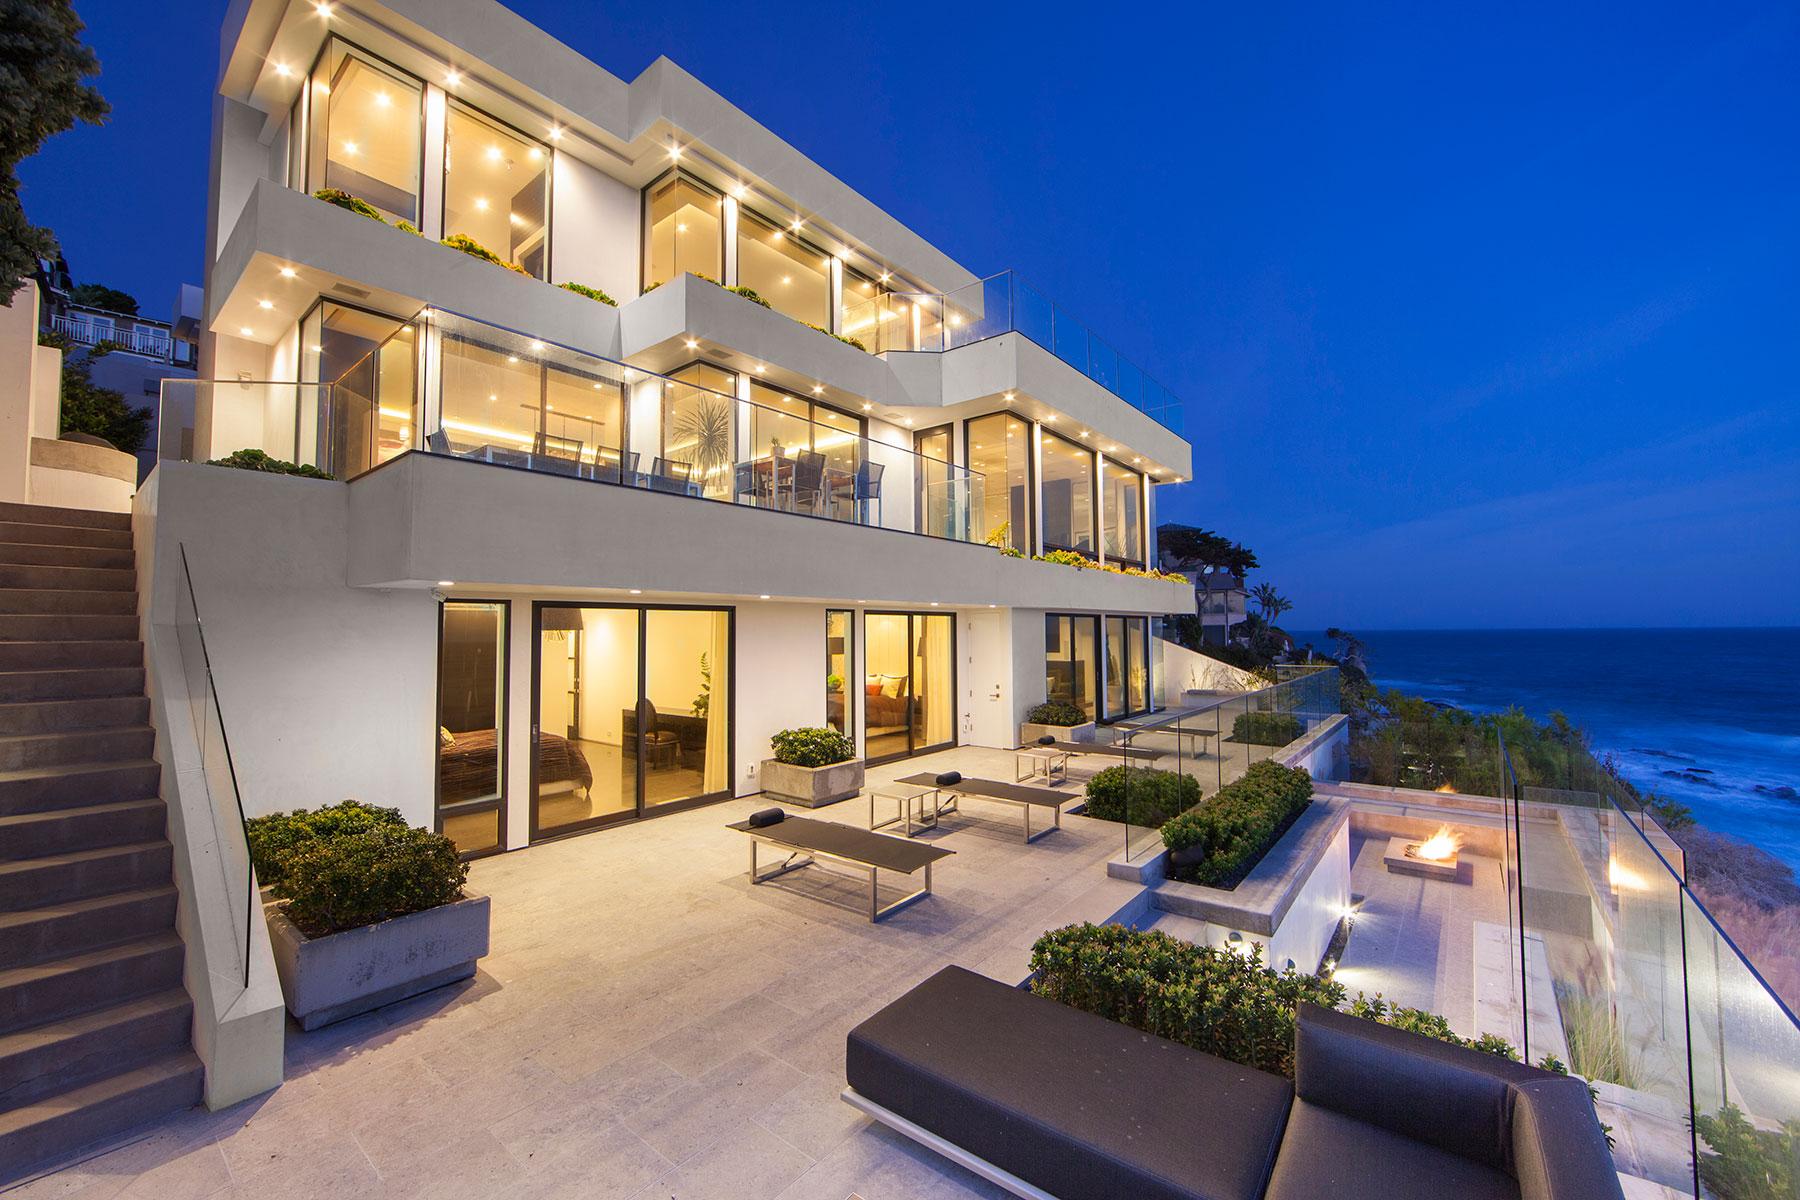 Villa per Vendita alle ore 2661 Victoria Dr. Laguna Beach, California, 92651 Stati Uniti